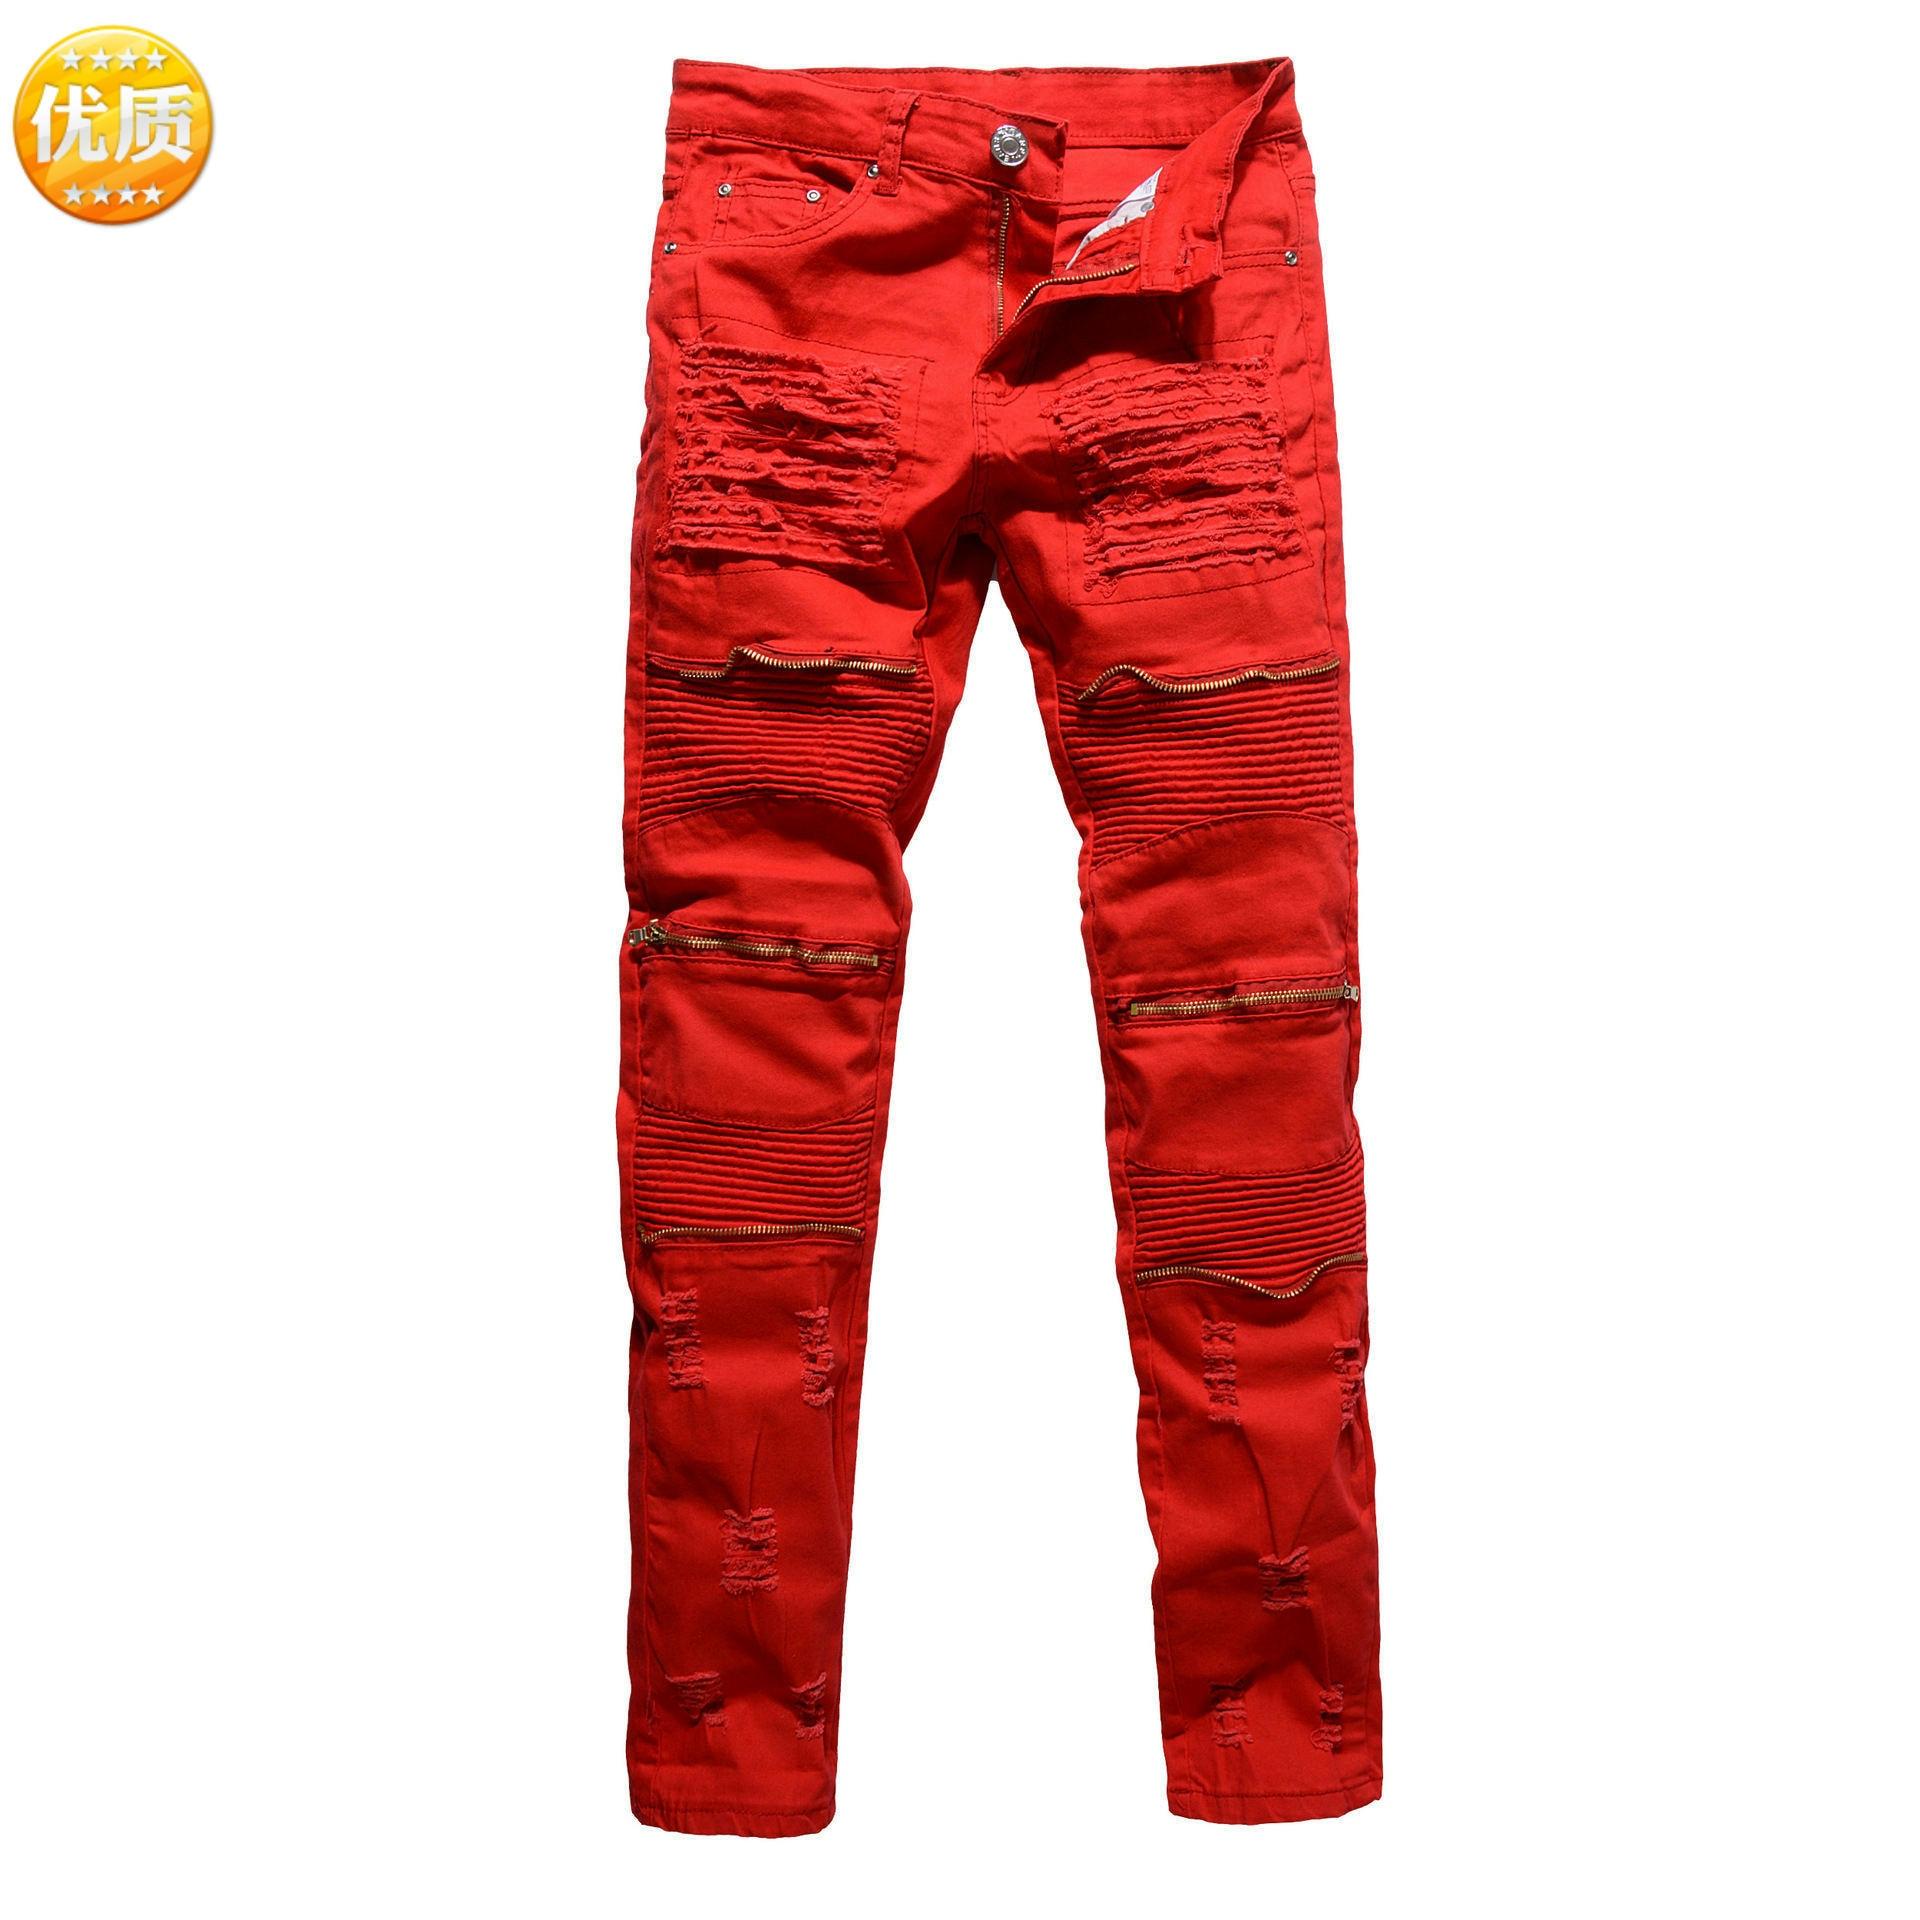 Men With Holes Skinny Pants Ozhouzhan Slim Fit Elasticity Fashion Pants Applique Locomotive Jeans Men's